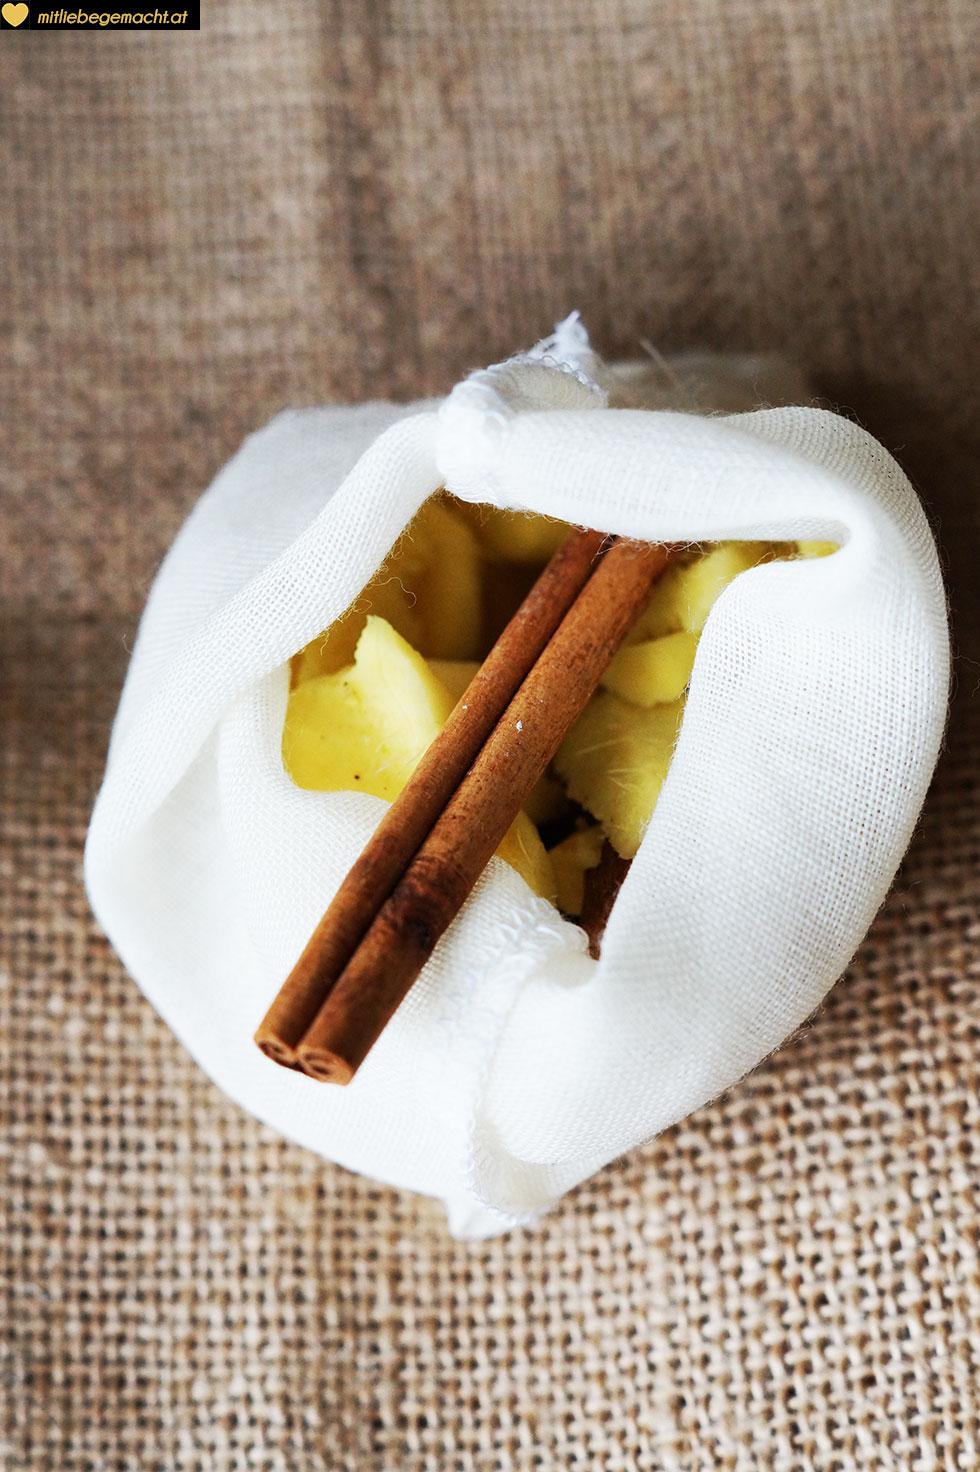 Zutaten in Baumwollbeutel geben - Naturkosmetik DIY